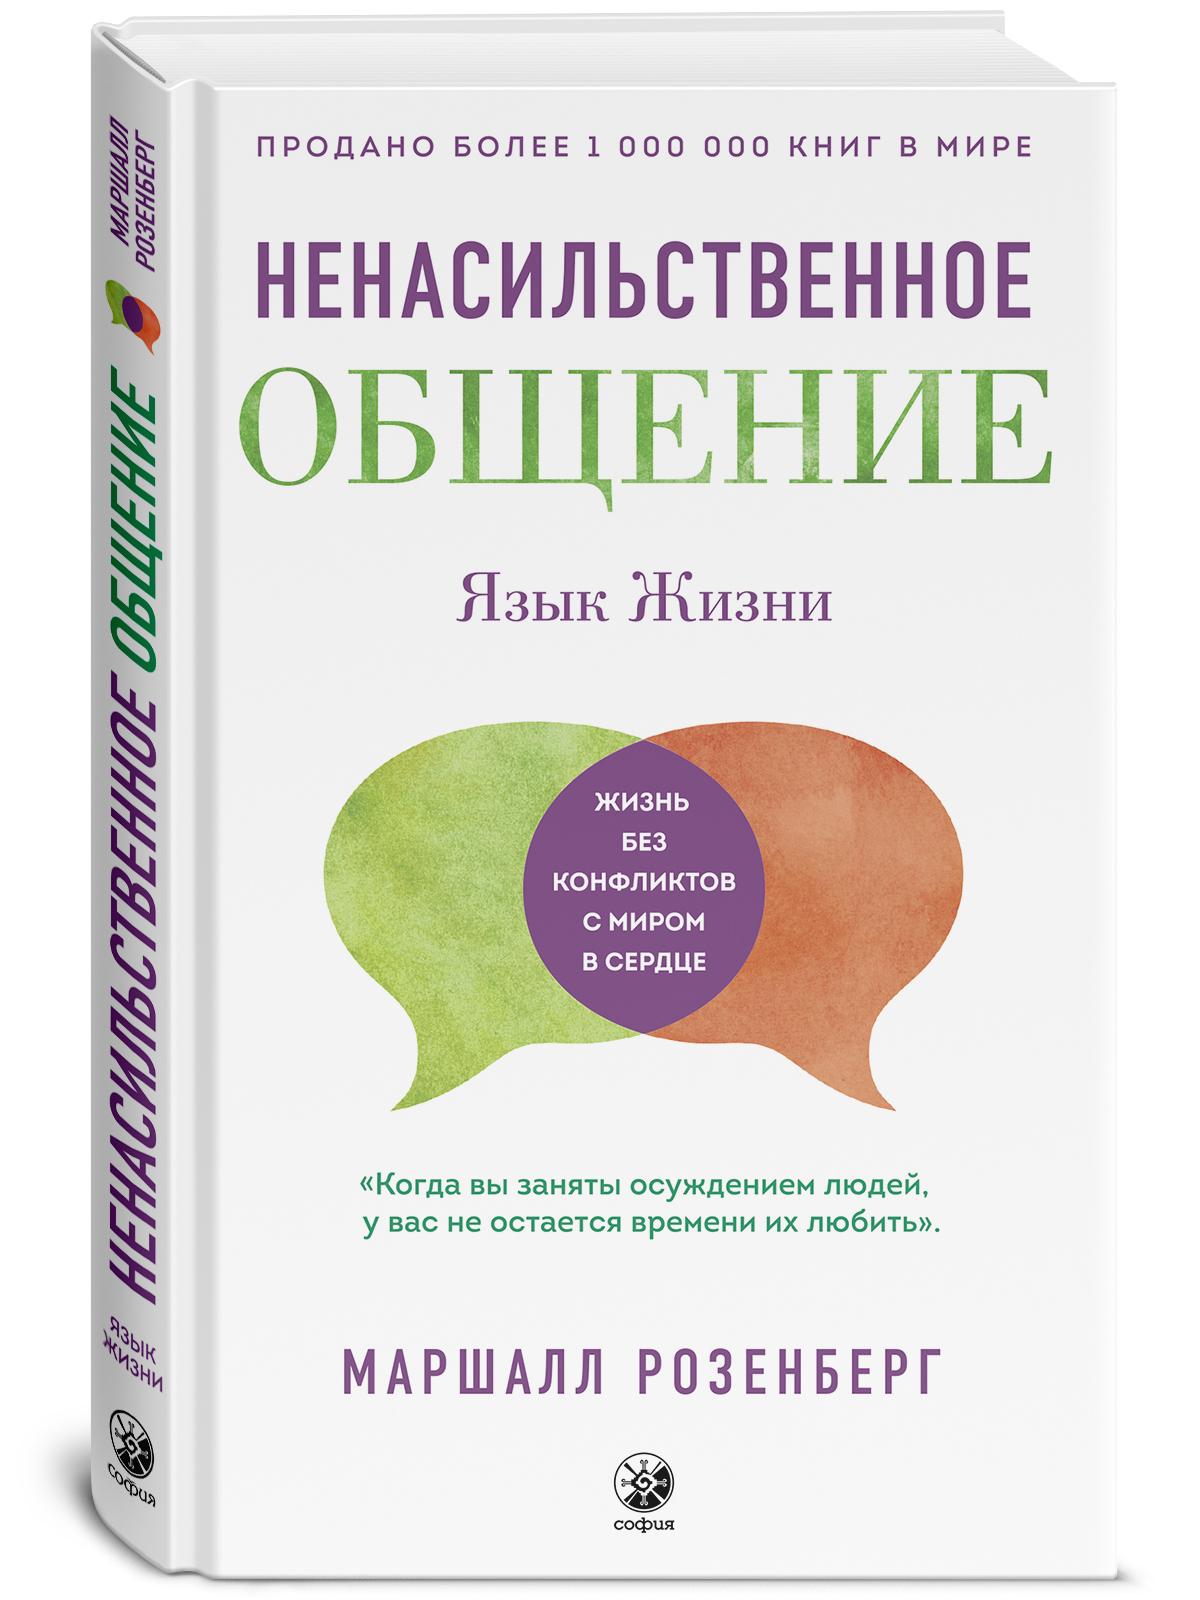 """Маршалл Розенберг – """"Ненасильственное общение"""""""